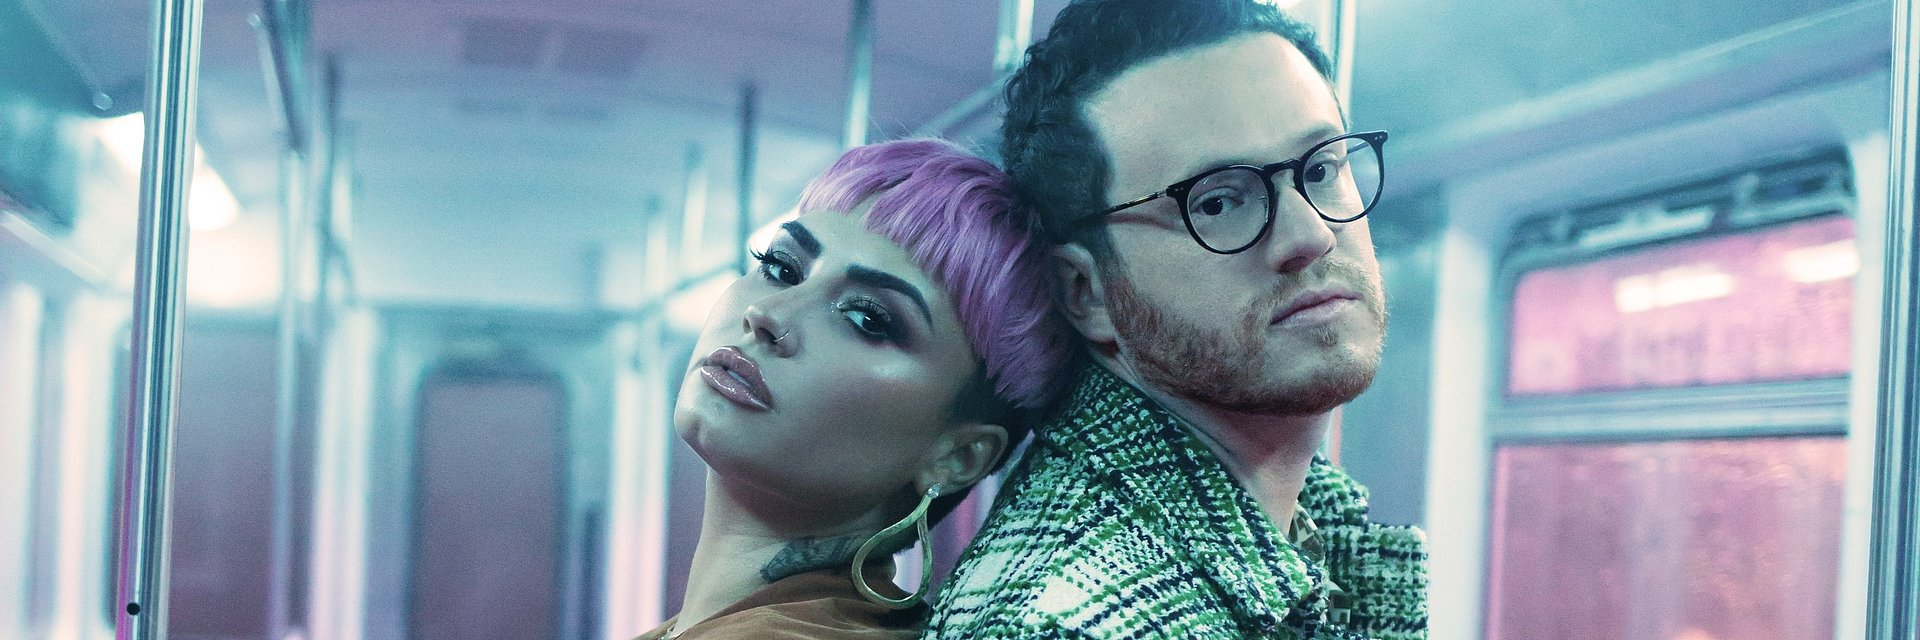 Najpiękniejszy duet - Sam Fischer i Demi Lovato